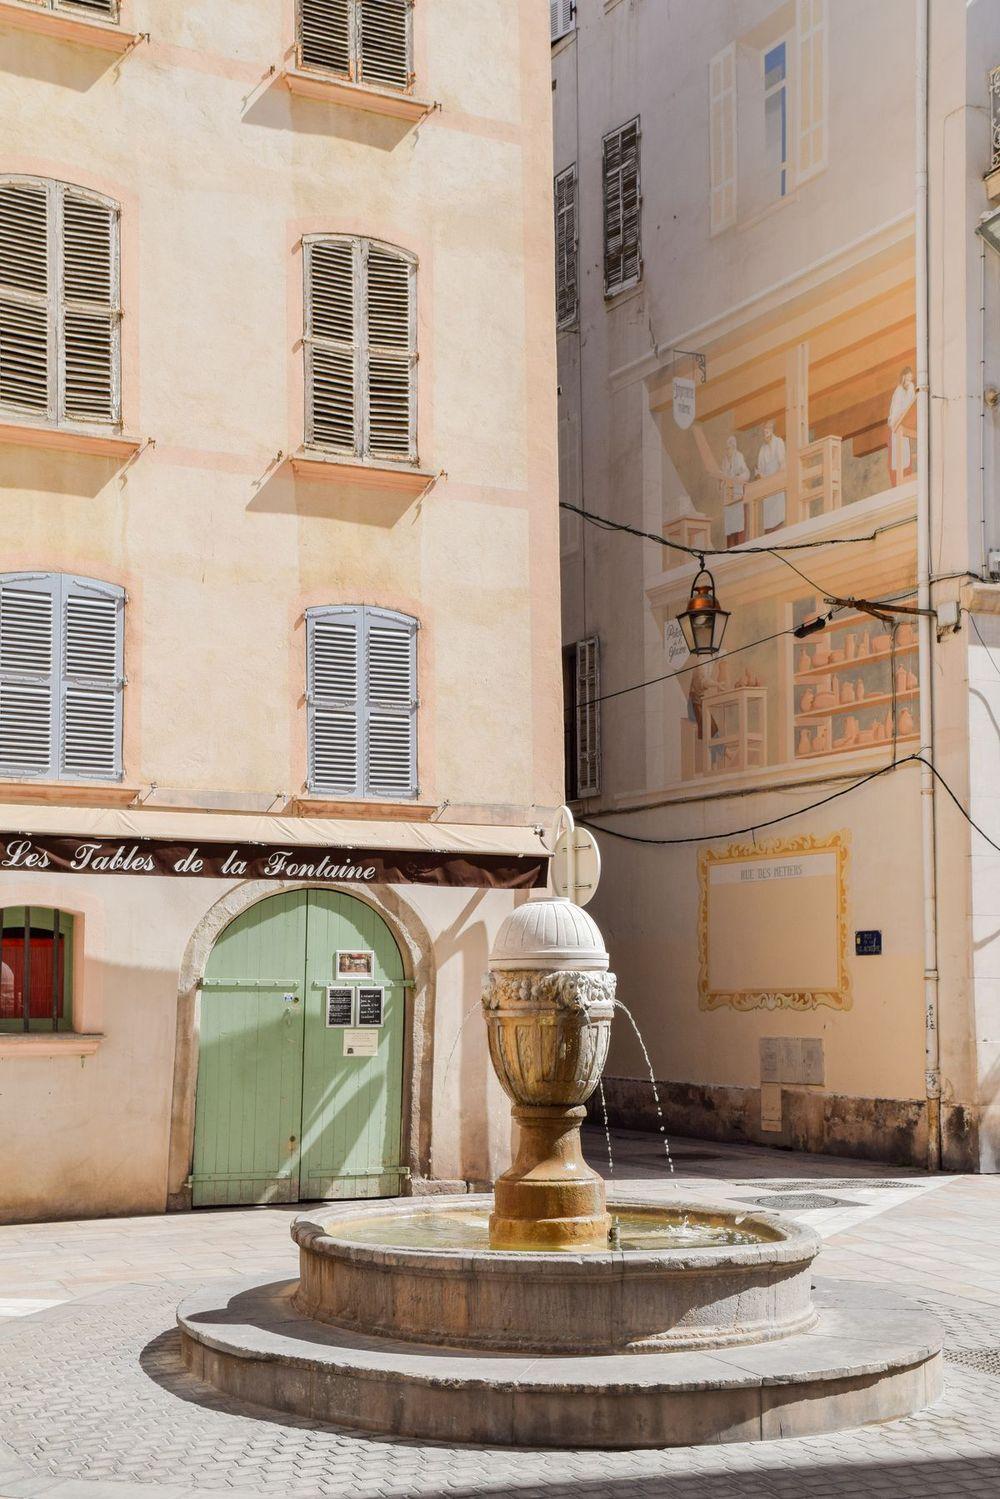 Trompe l'oeil Building near Les Tables de la Fontaine, Toulon, France